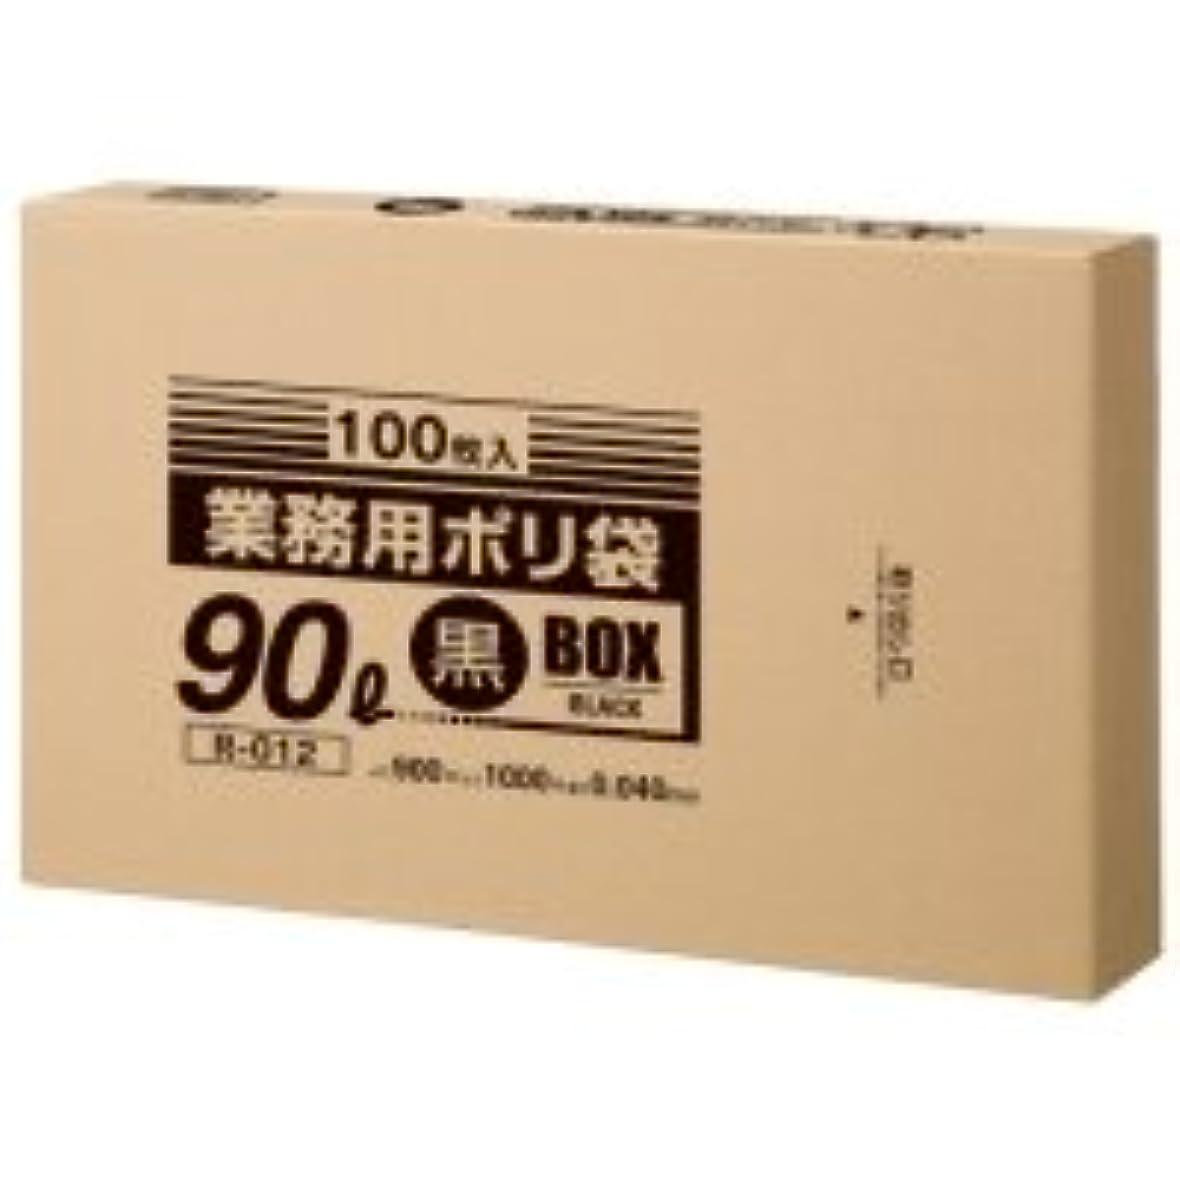 膨らませる組立漏斗クラフトマン 業務用ポリ袋 黒 90L BOXタイプ 1箱(100枚)